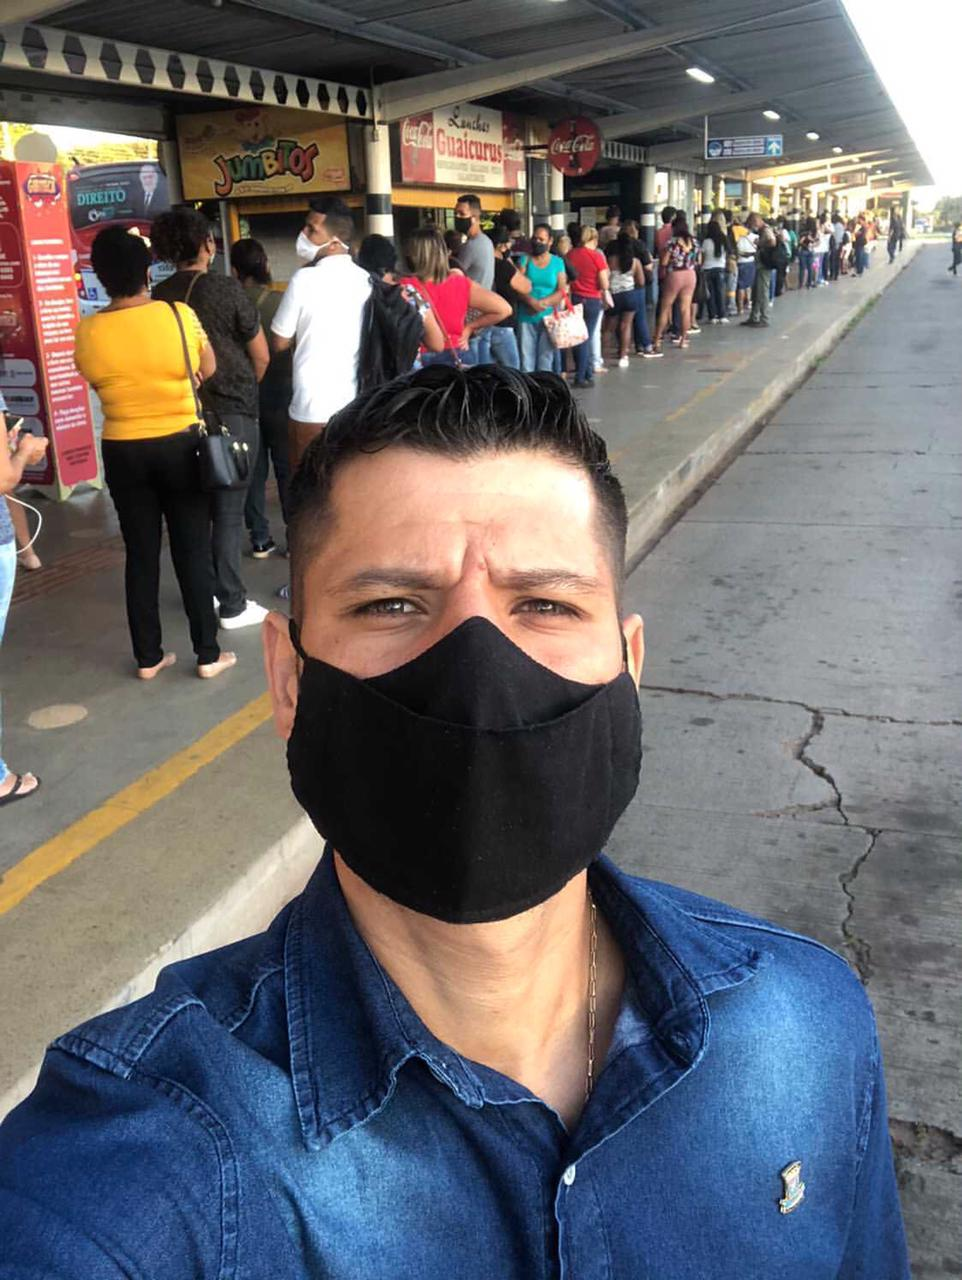 Vereador Tiago Vargas fiscalizou o terminal Guaicurus, onde identificou  excesso de lotação